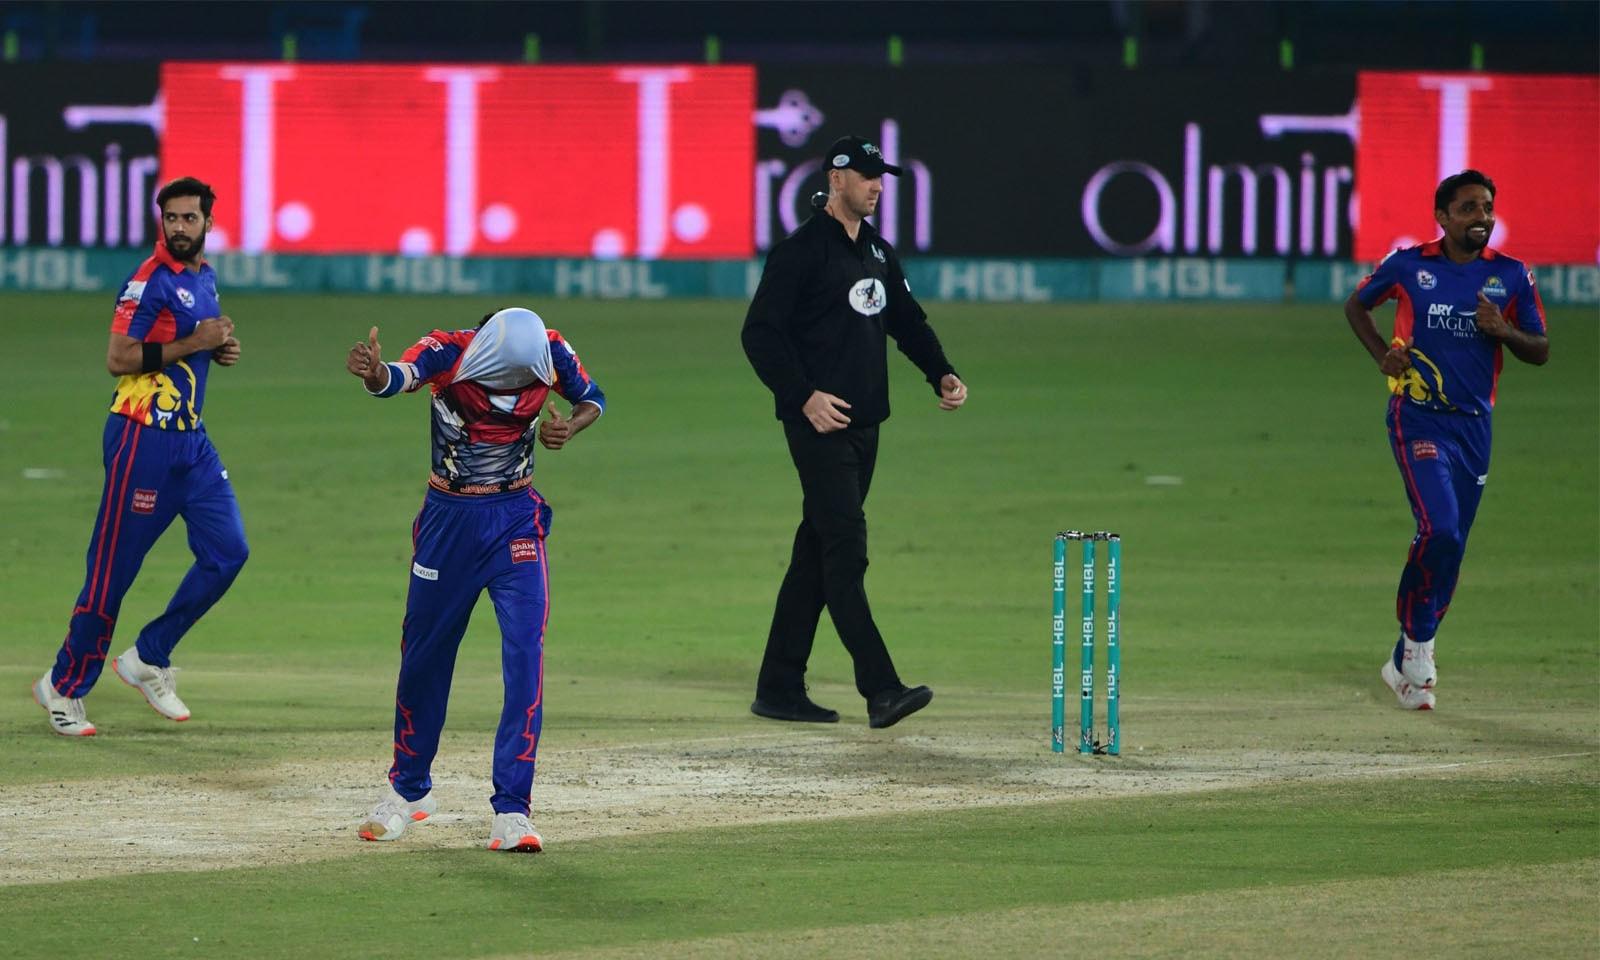 شرجیل خان 11 رنز بنا کر سمت پٹیل کی گیند پر فخر زمان کو کیچ دے بیٹھے—فوٹو: اے پی